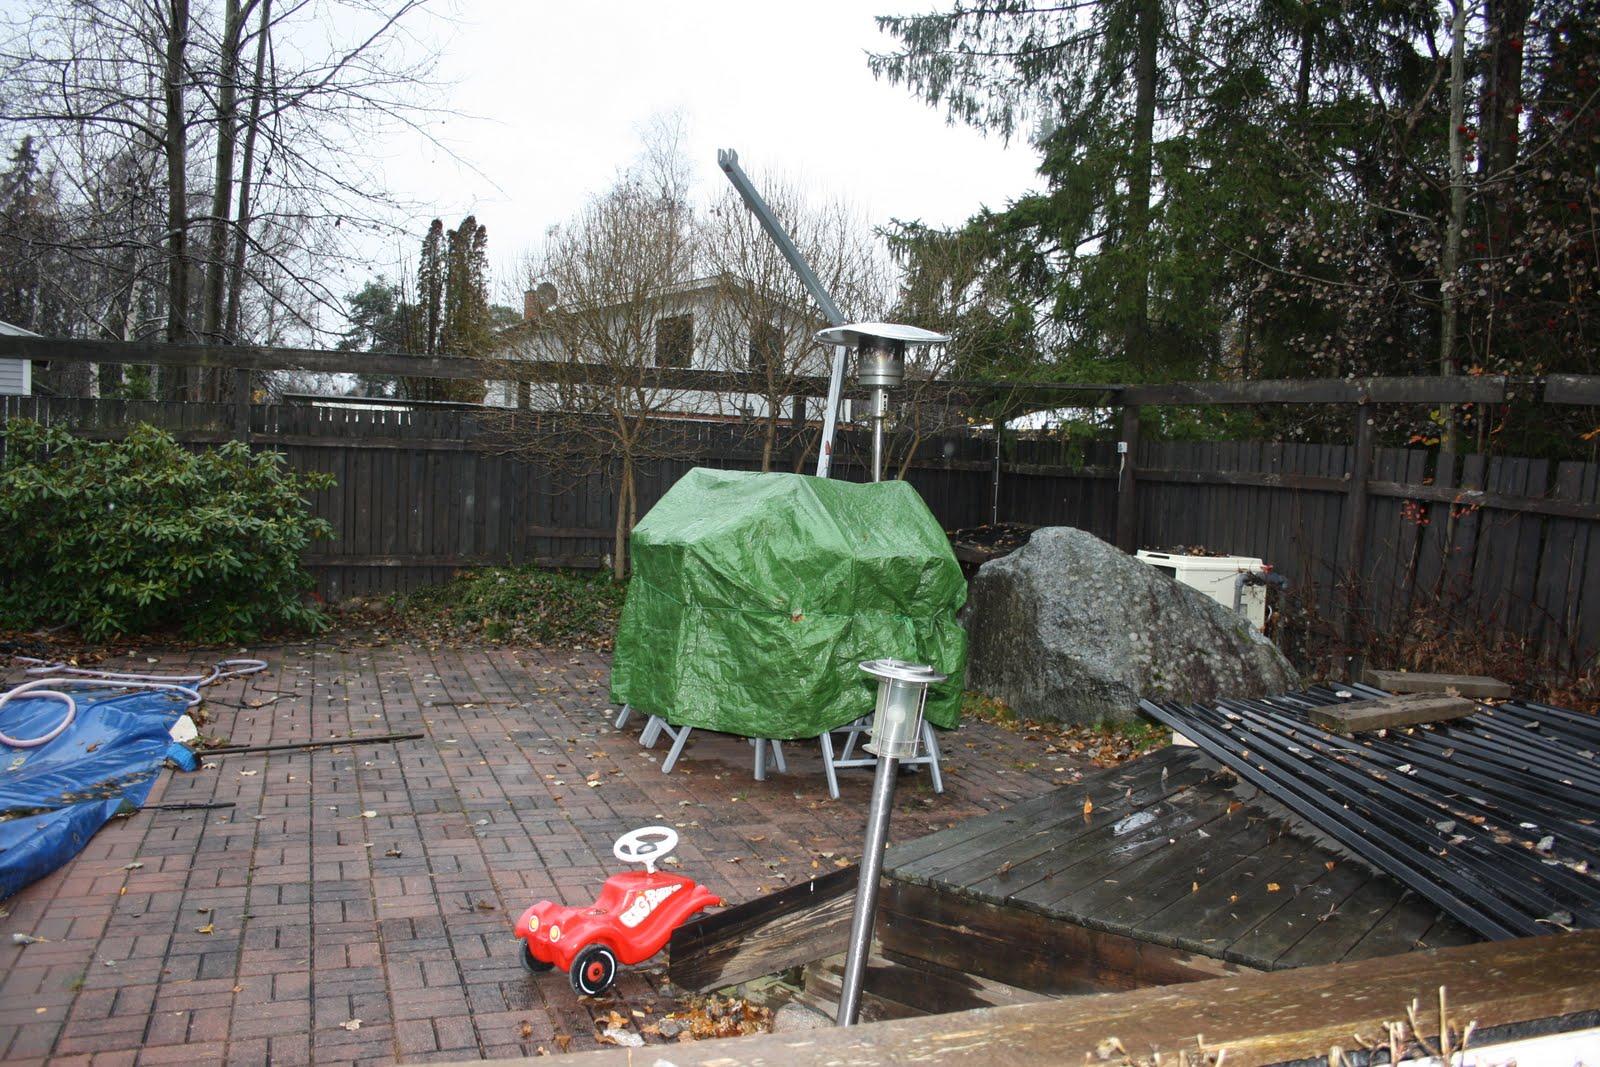 Njut i din trädgård: trädgårdsdesign   förarbetet i ett ...